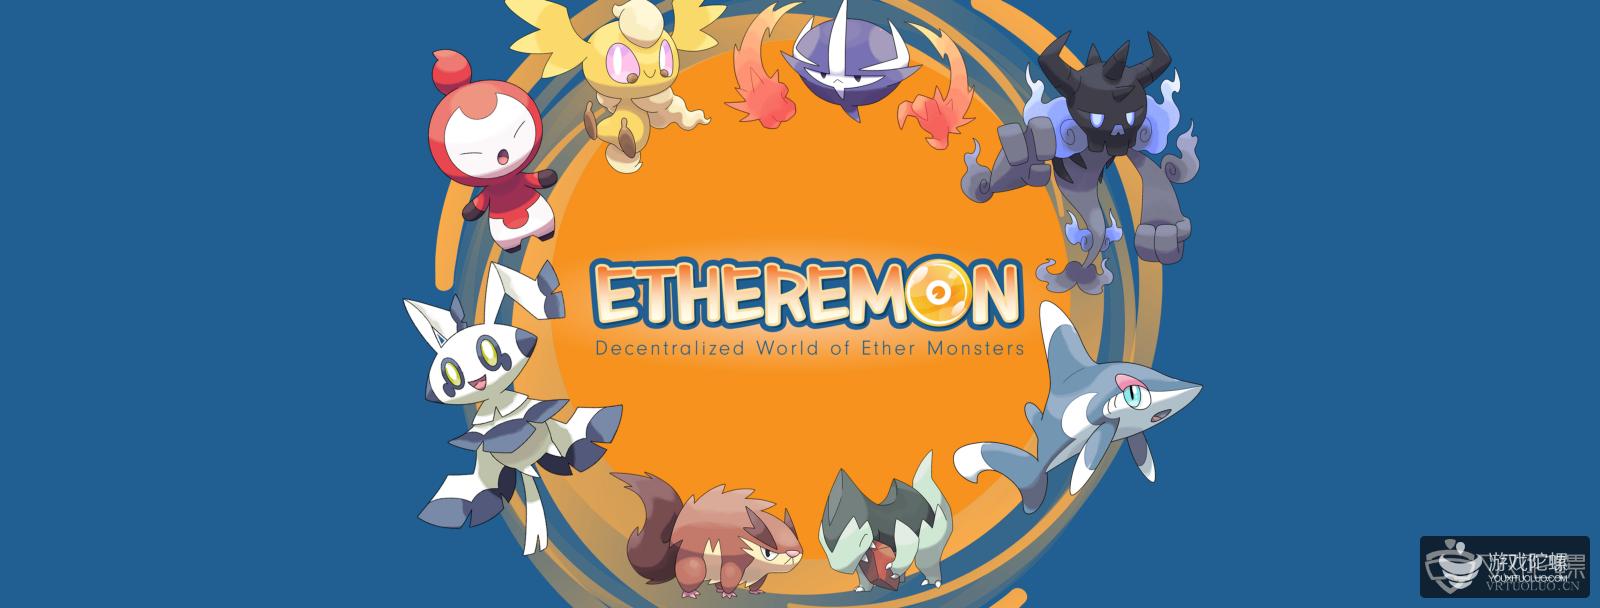 区块链游戏《Etheremon》接入VR技术,立志打造区块链版《Pokemon Go》